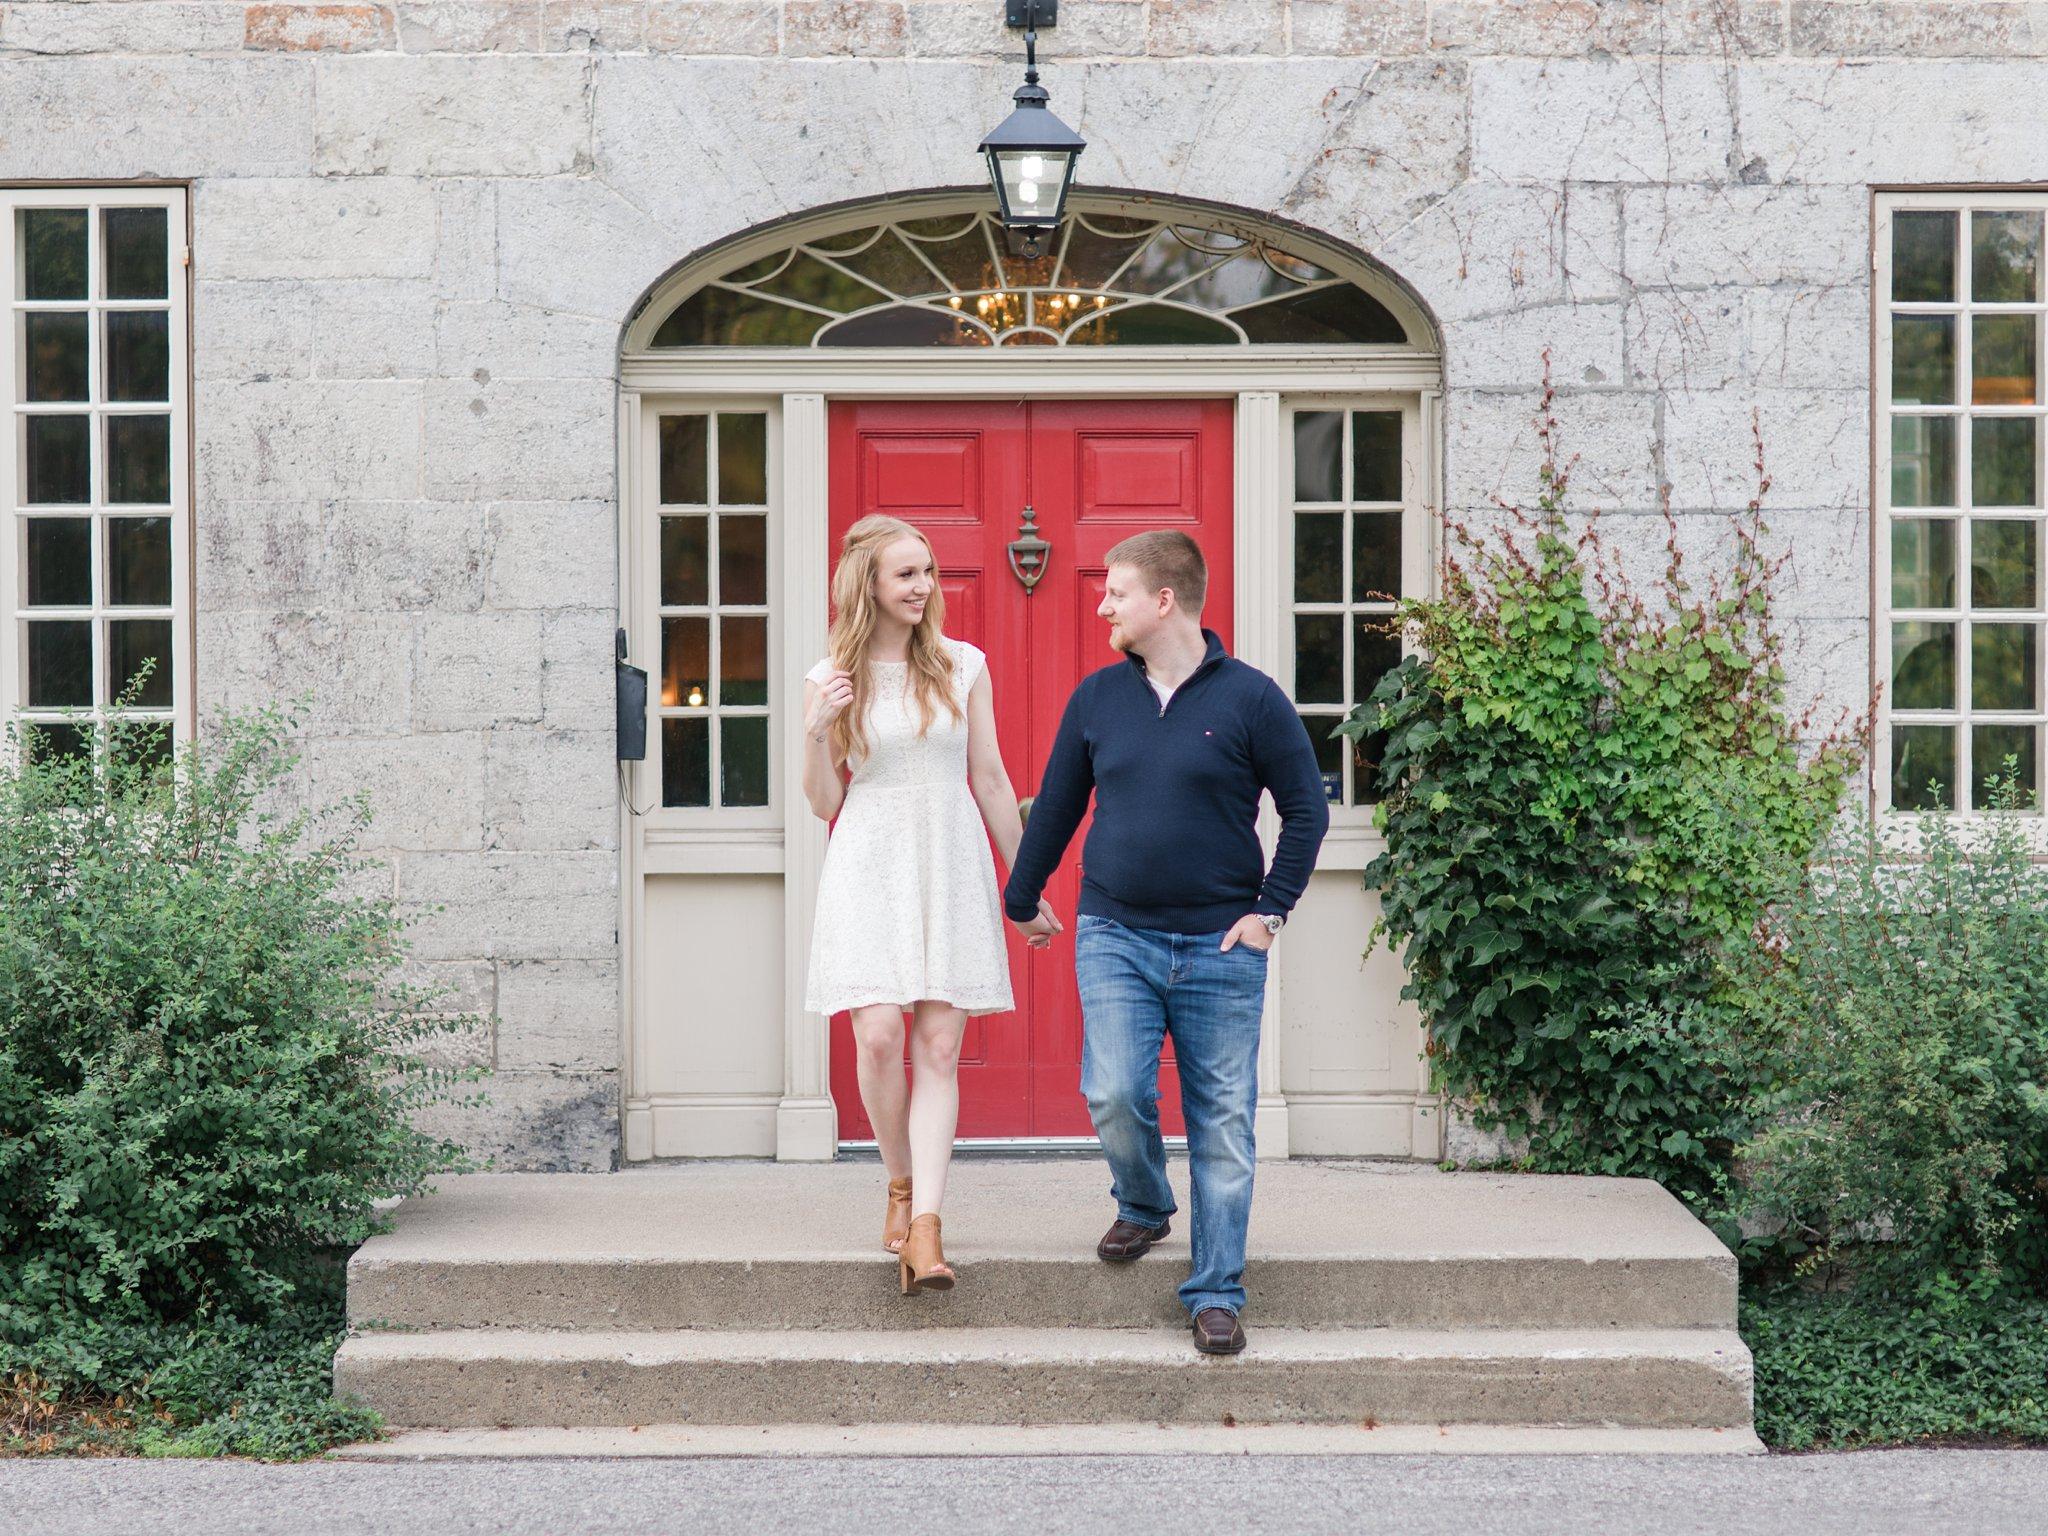 Keg Manor engagement photos Amy Pinder Photography